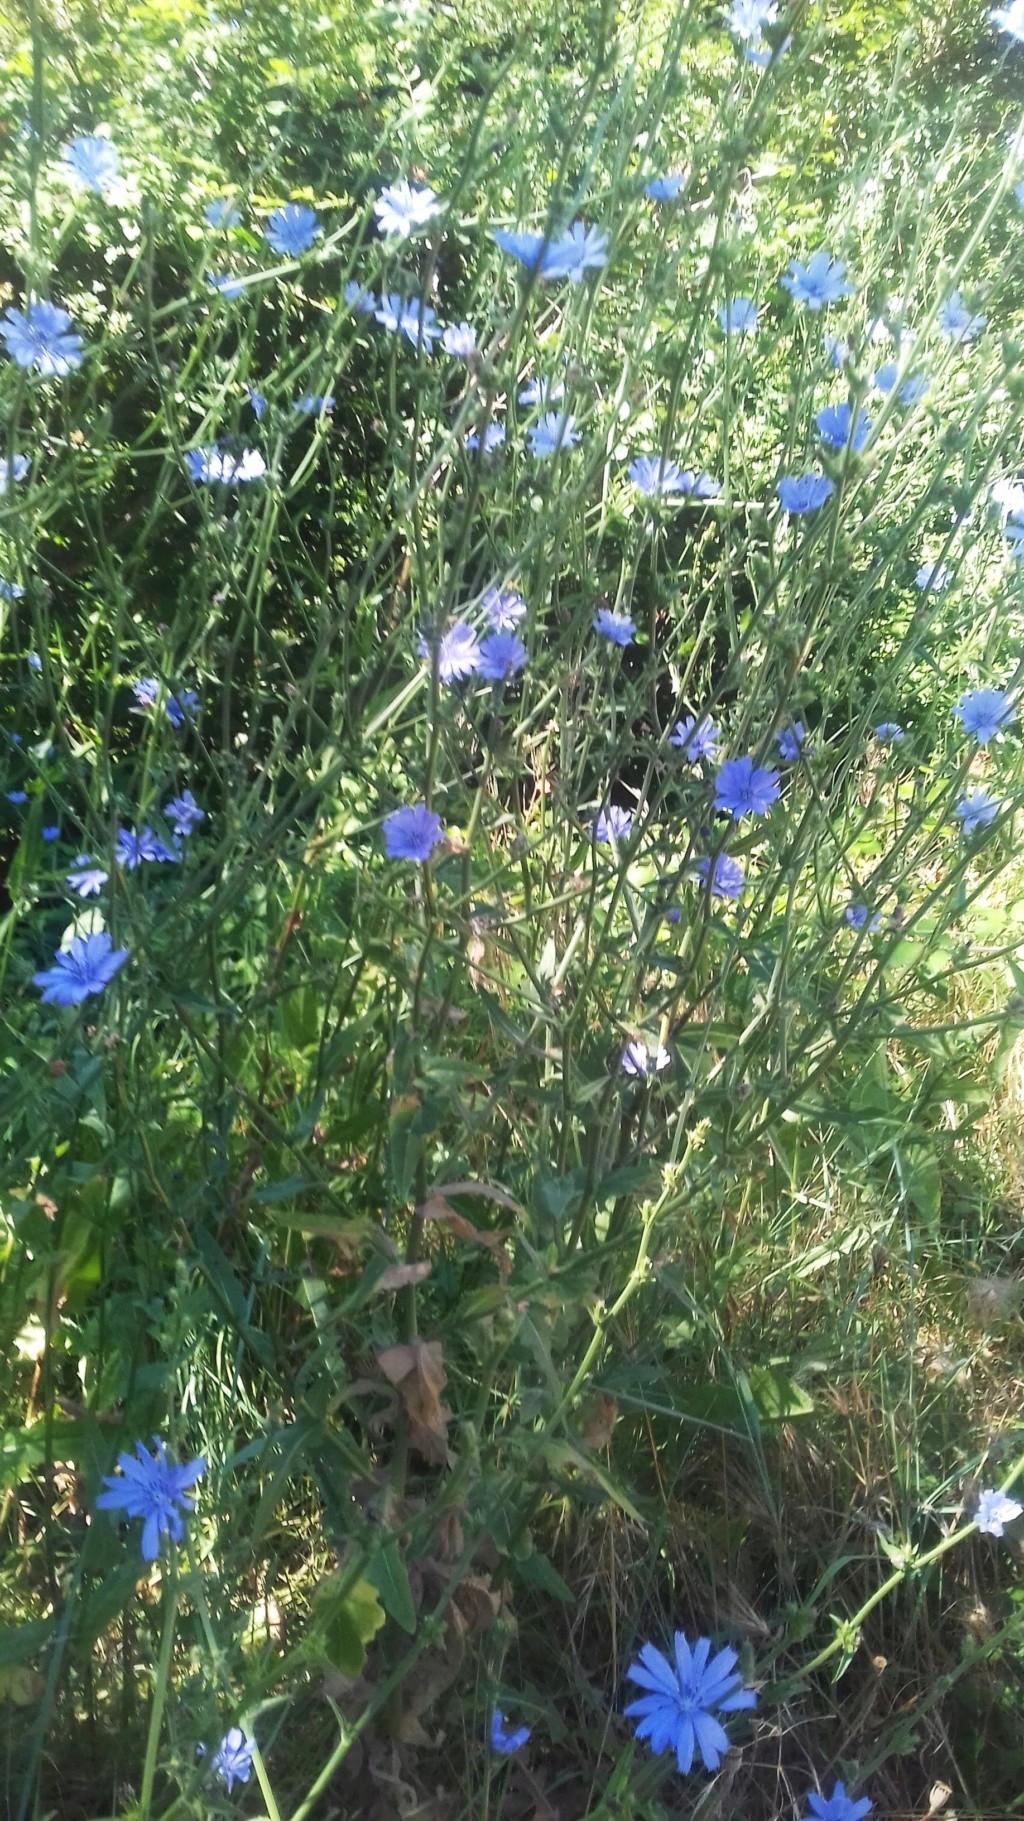 les plantes sauvages de nos campagnes - Page 15 00551